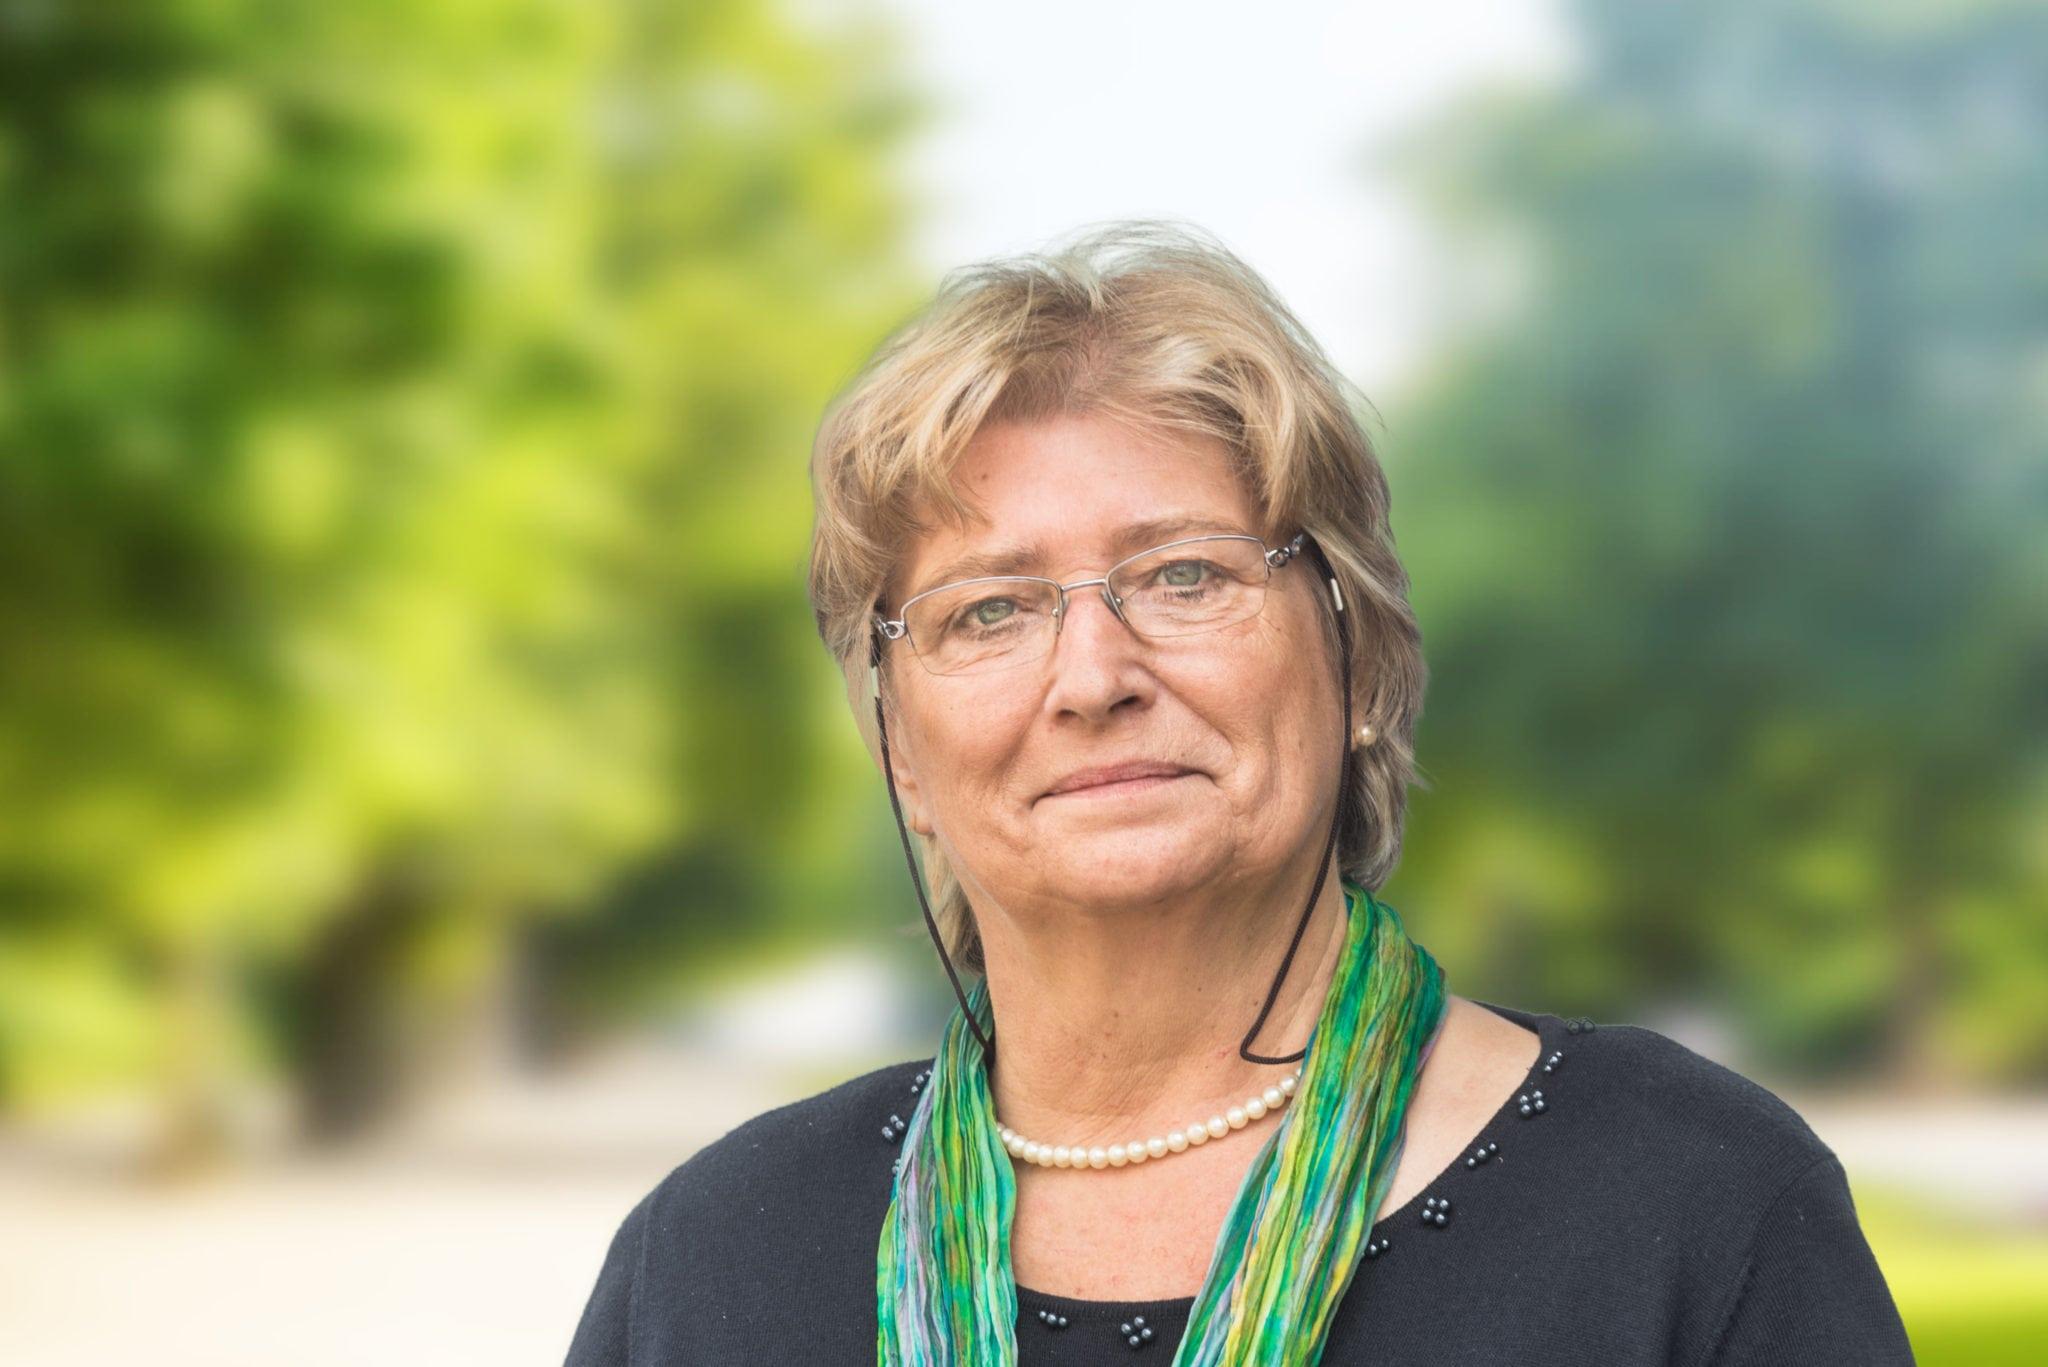 Marylou Homs